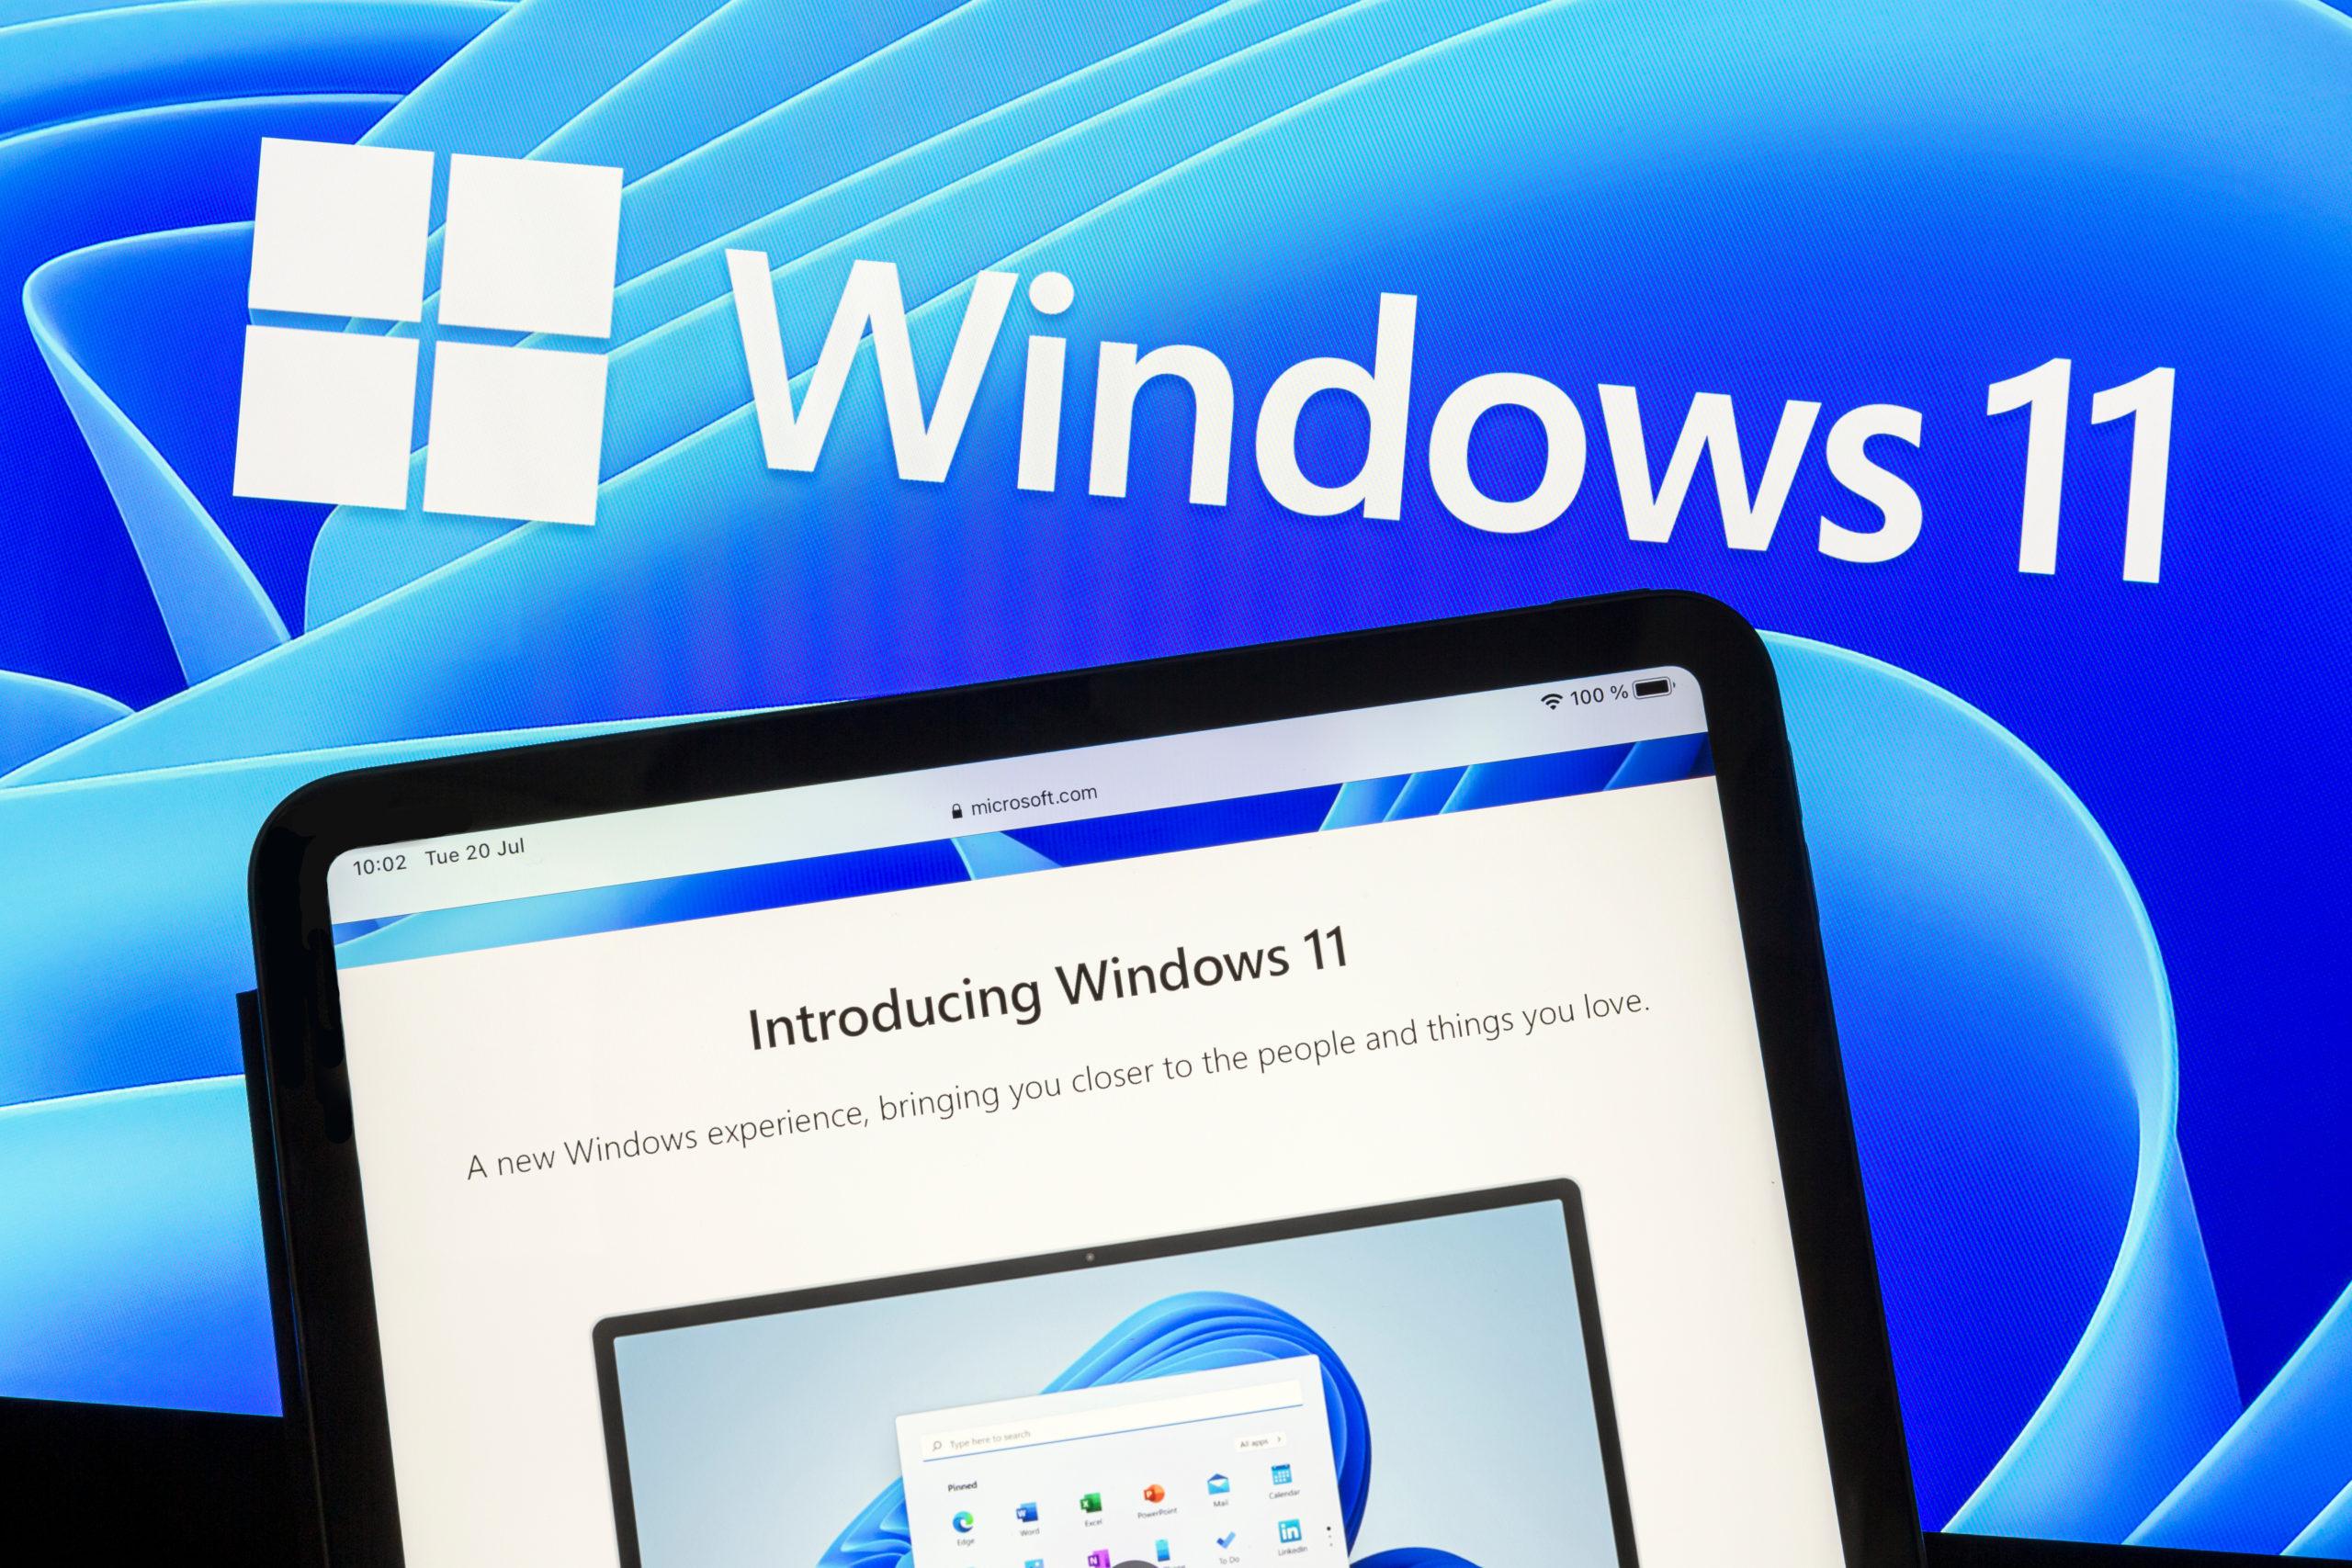 ¿Cuáles son las ventajas del nuevo Windows 11? te contamos